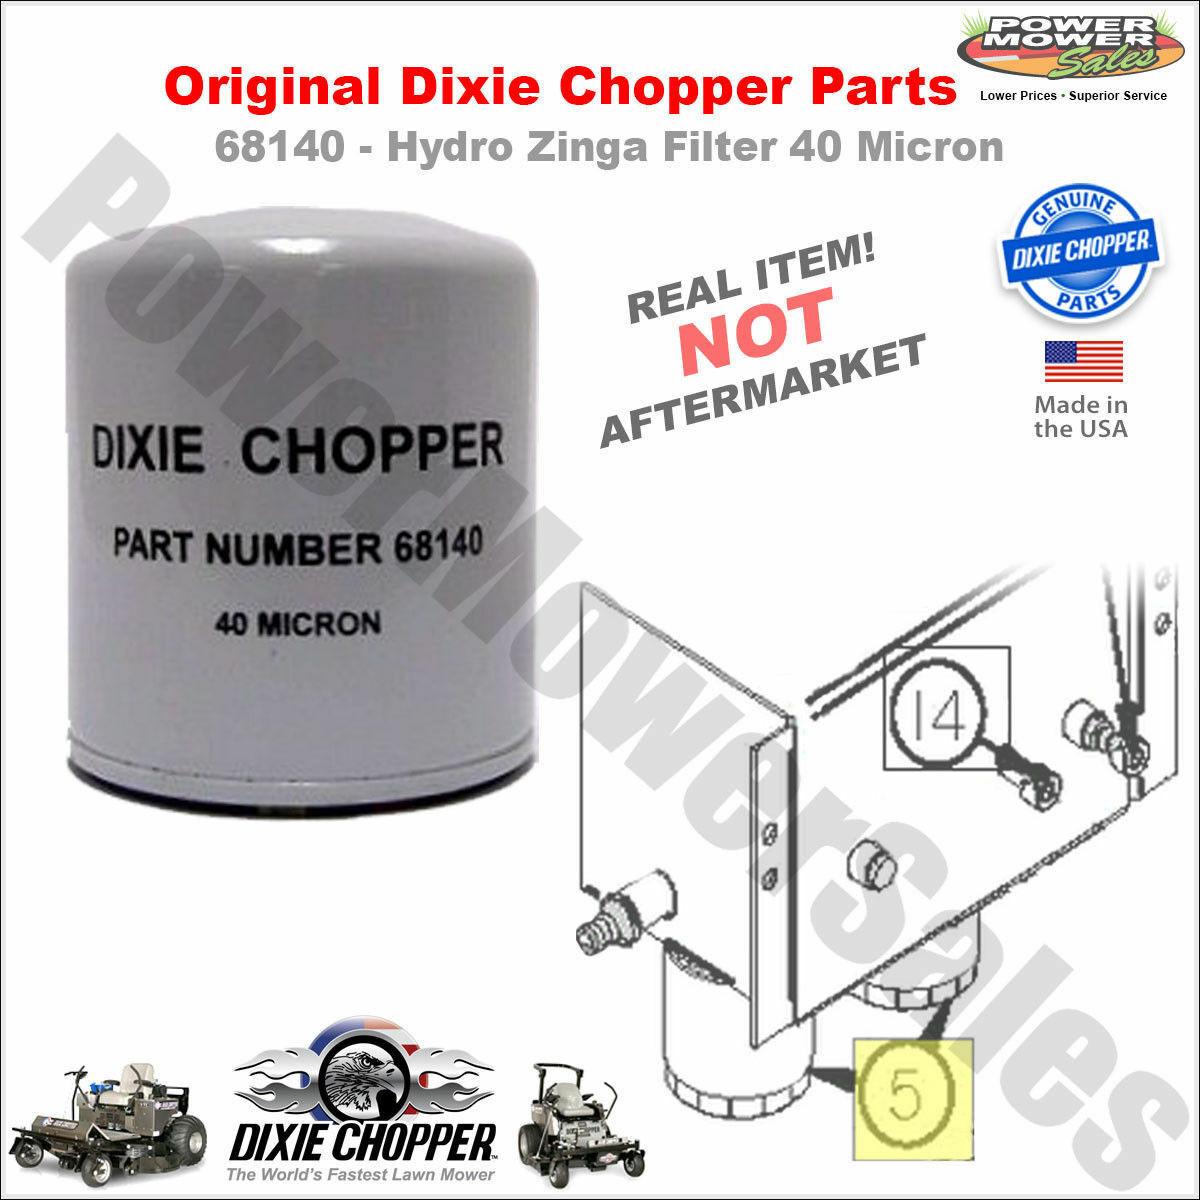 [DIAGRAM_38DE]  XX_6728] Dixie Chopper Fuel Filter Download Diagram | Trs21 Snowblower Parts Fuel Filter |  | Dome Subc Oper Lite Pap Mohammedshrine Librar Wiring 101